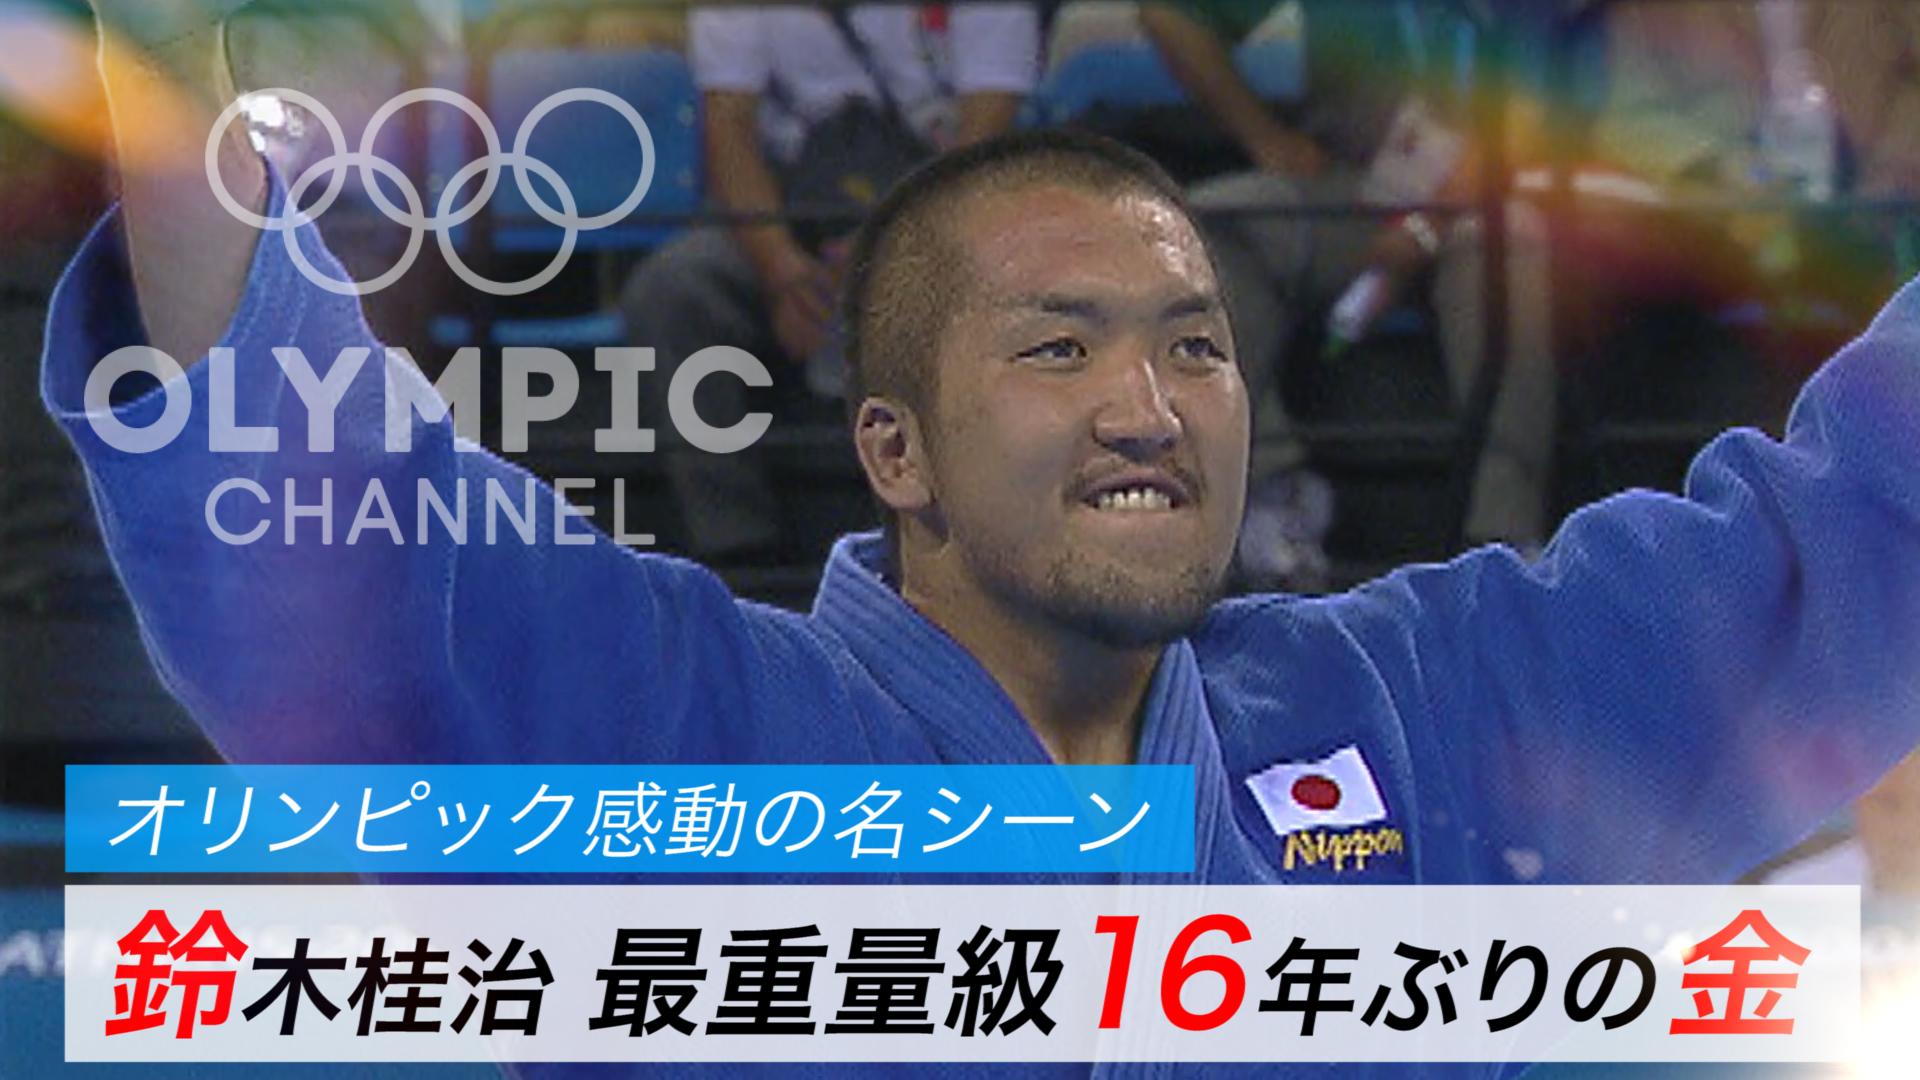 オリンピック感動の名シーン 柔道 鈴木桂治 最重量級16年ぶりの金